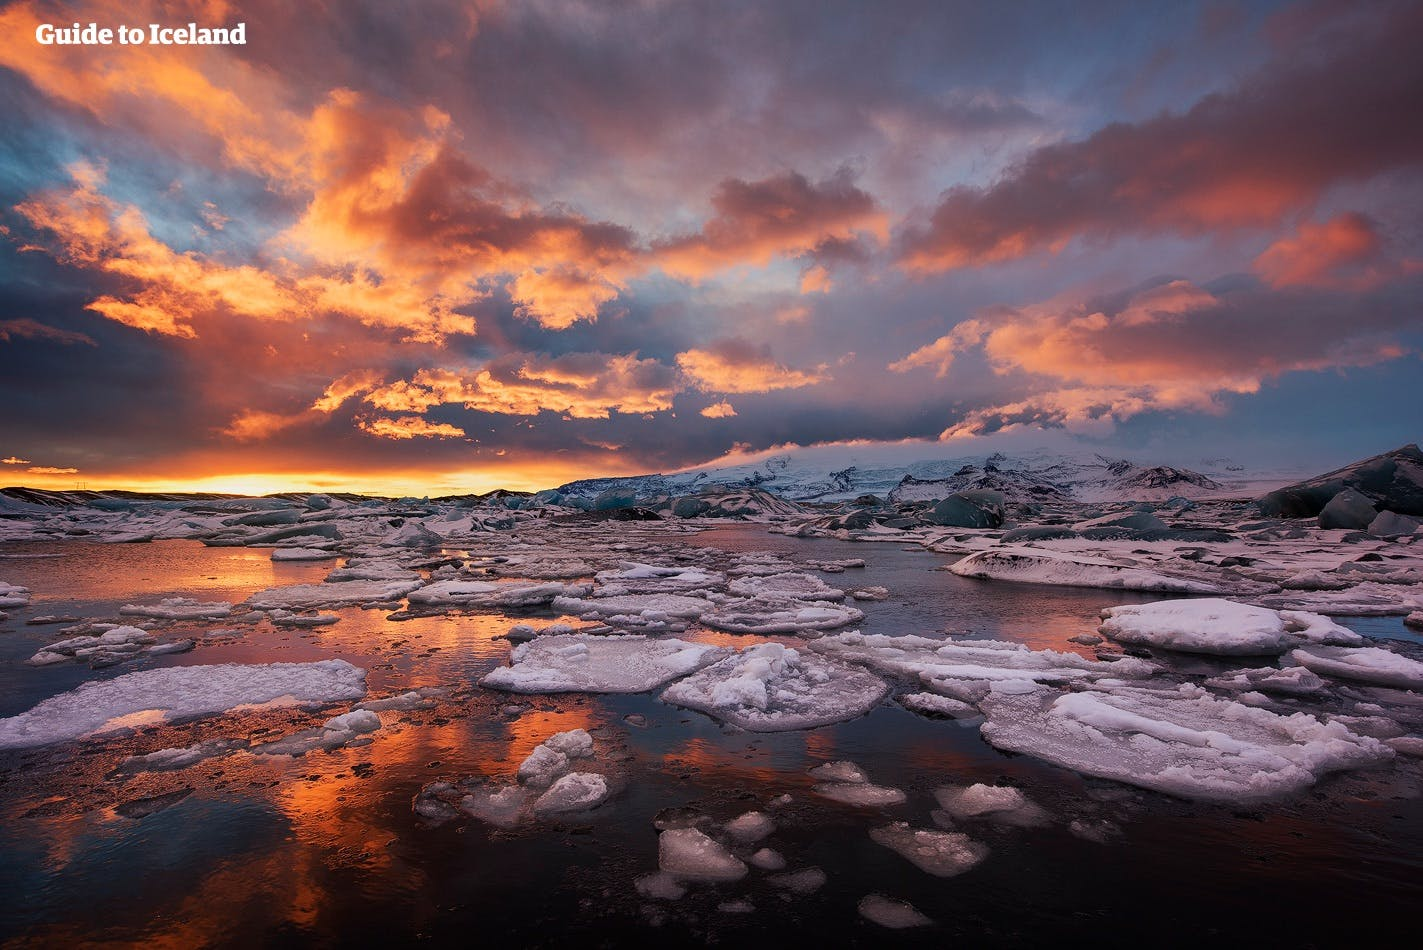 最安値!1泊2日ヨークルスアゥルロゥン氷河湖へ|氷河ハイキング付き